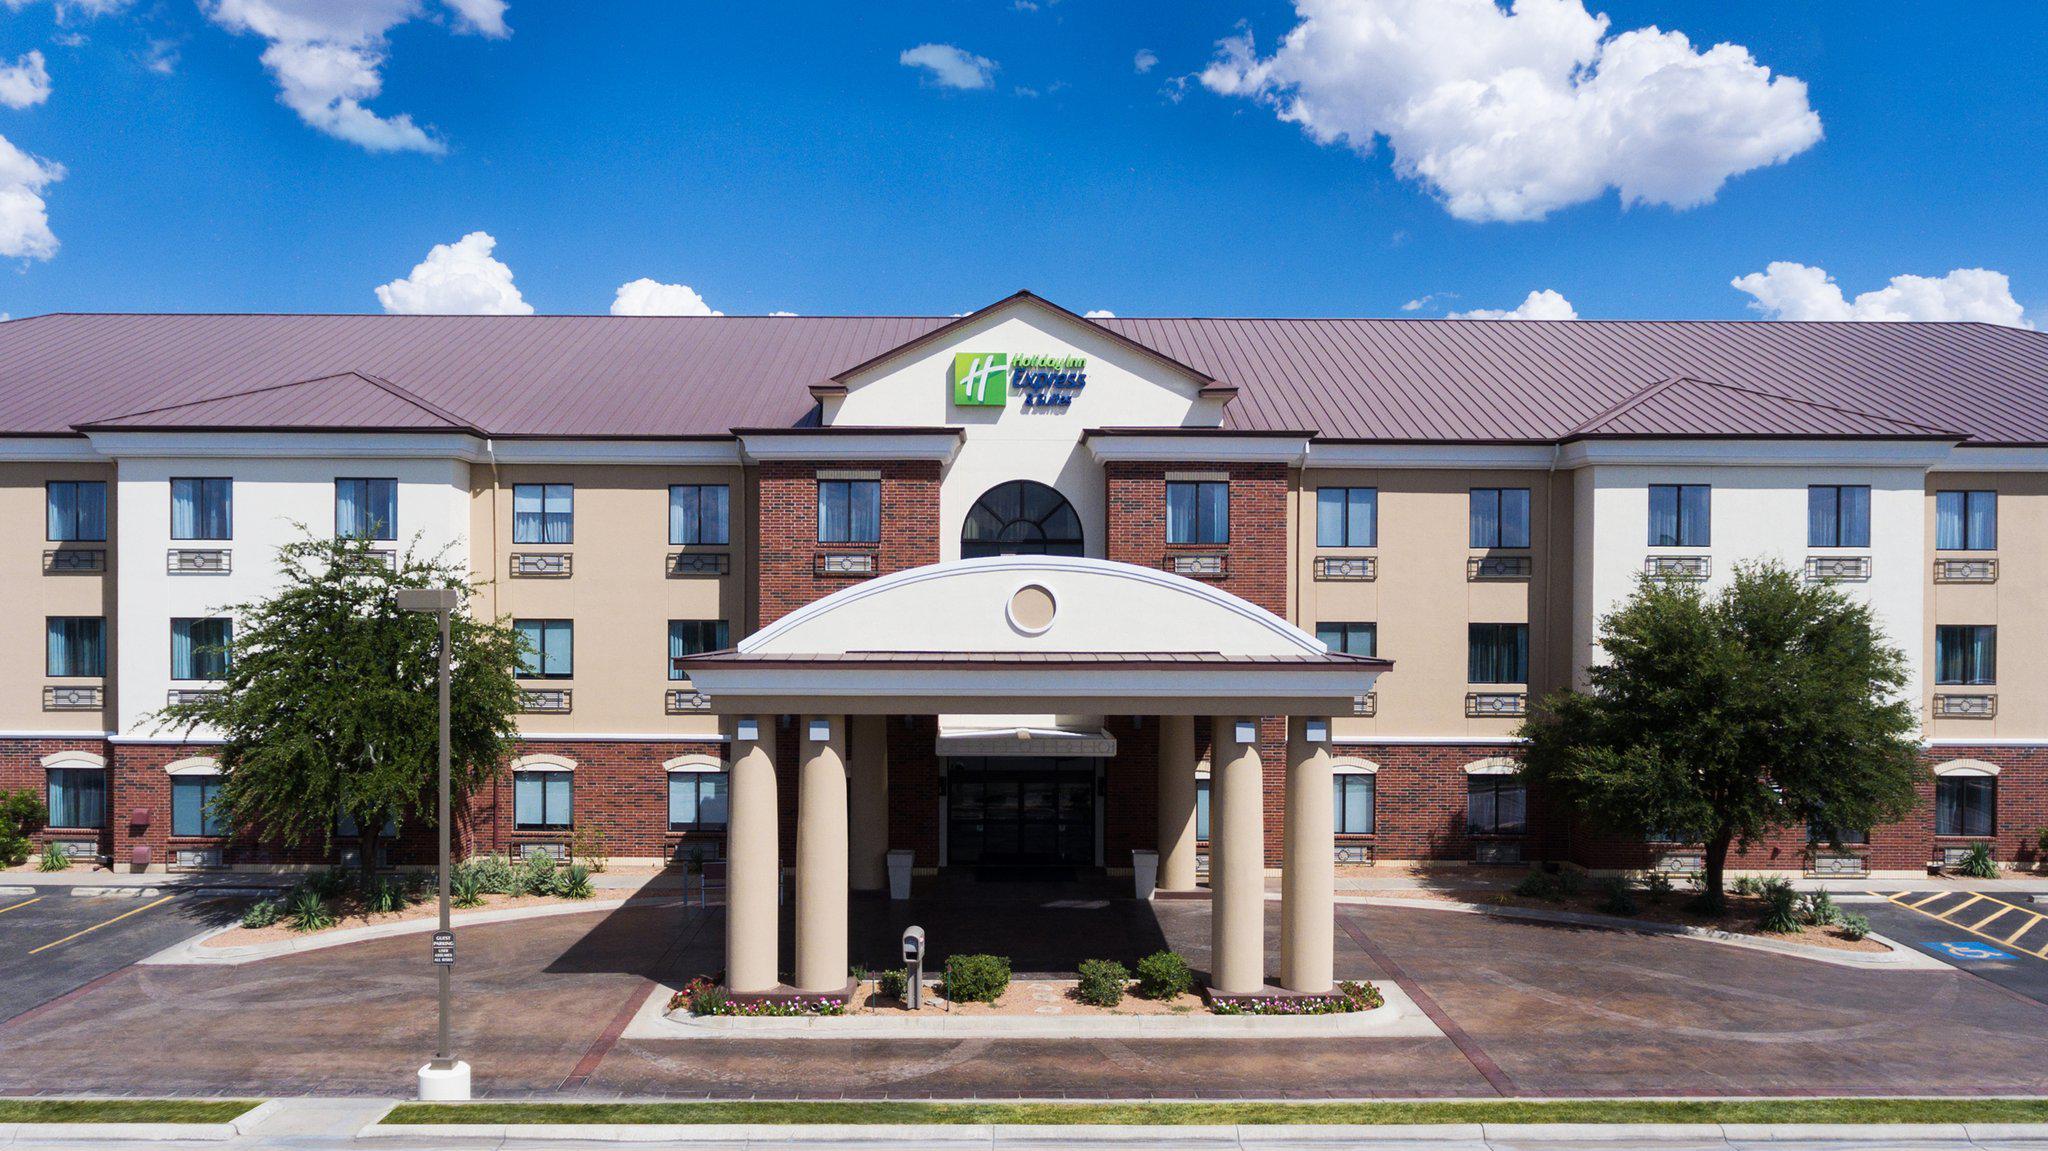 Holiday Inn Express & Suites Midland Loop 250